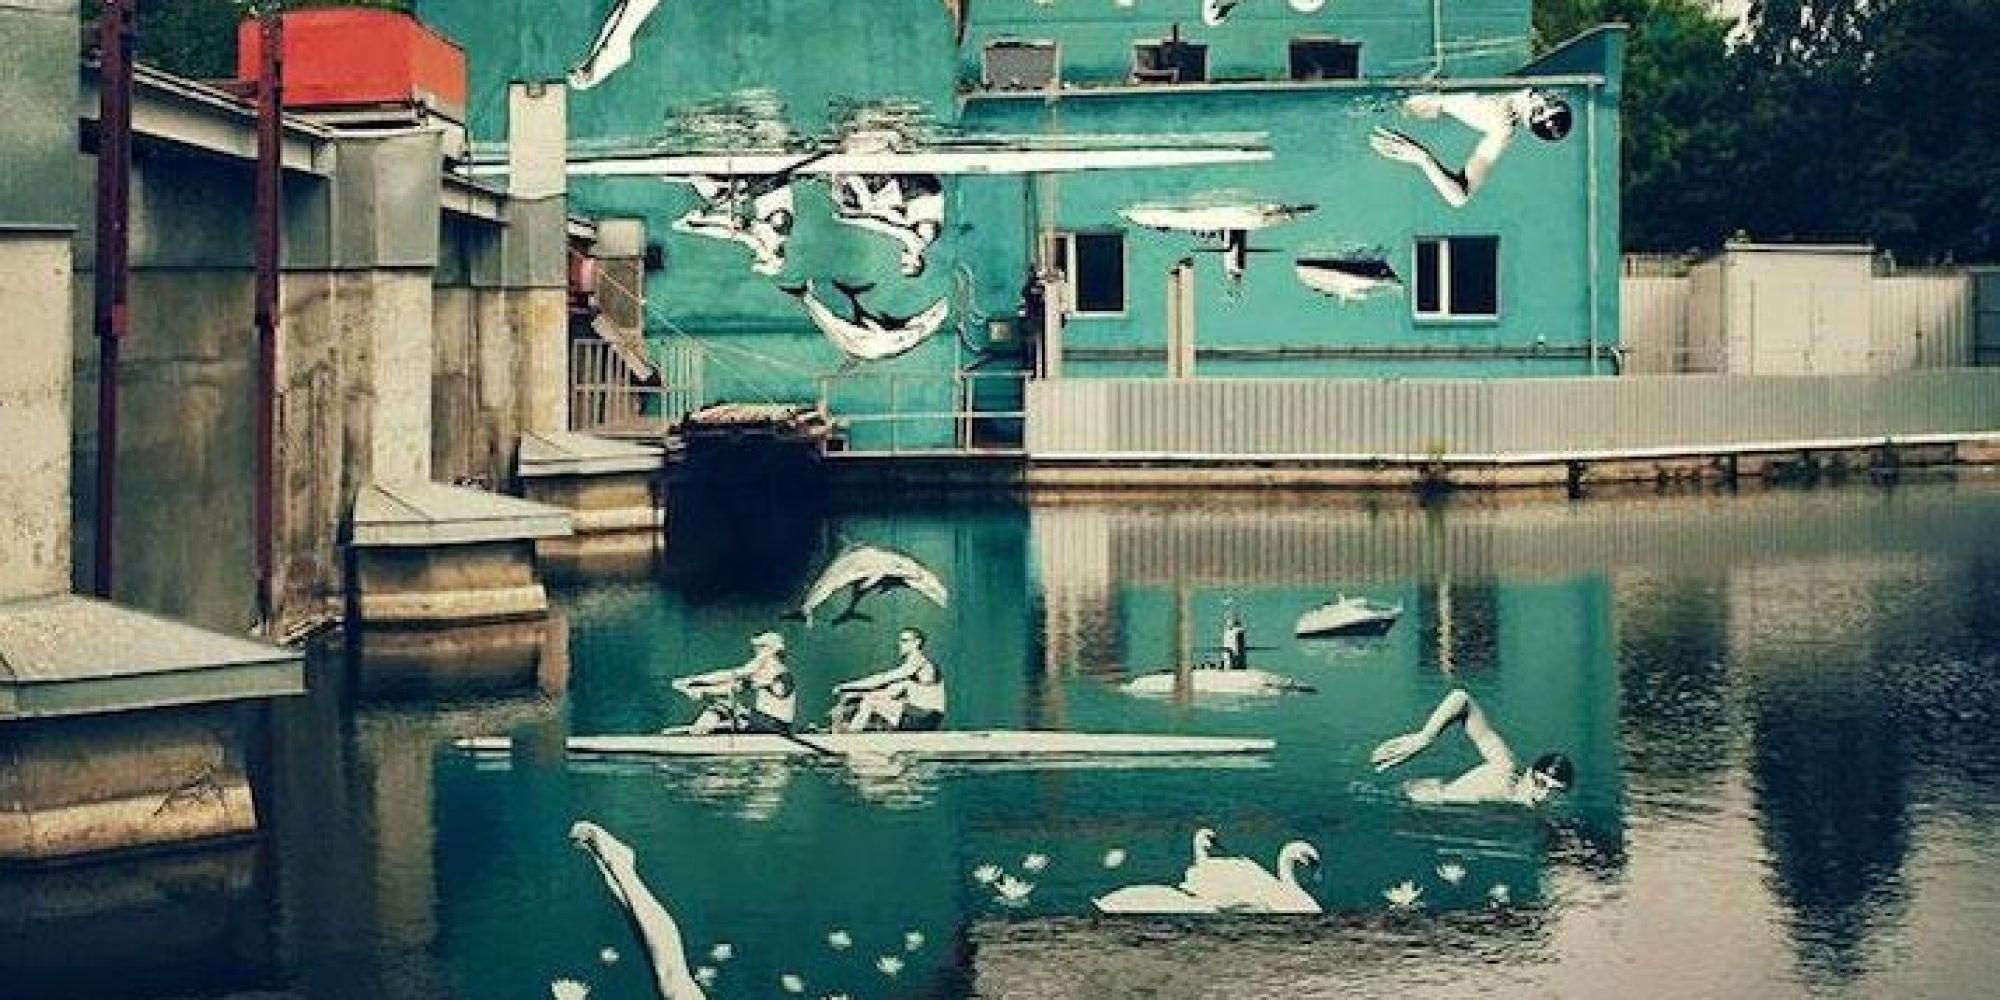 une fresque murale peinte l 39 envers pour cr er un trompe l 39 oeil avec son reflet dans l 39 eau. Black Bedroom Furniture Sets. Home Design Ideas